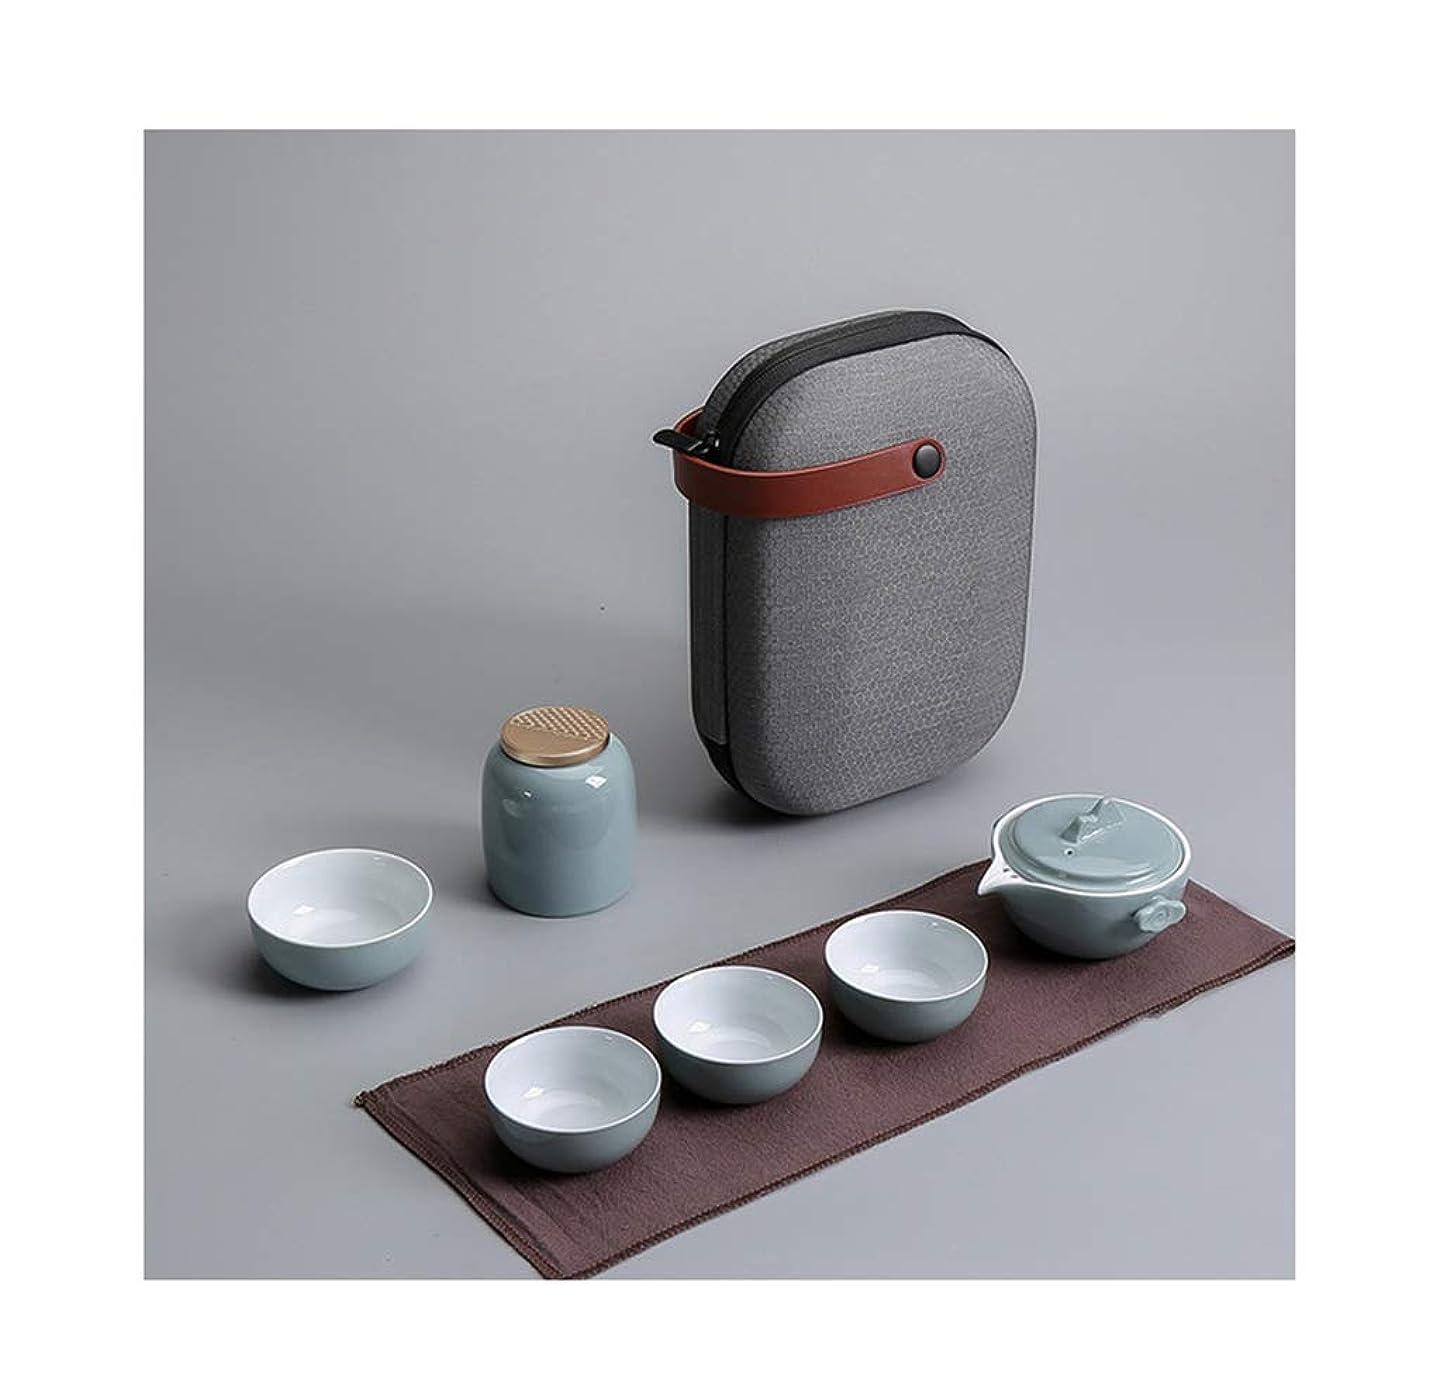 世界近代化ブロッサムIVEGLA 旅行ティーセット クイックカップ 茶具セット 茶器セット 茶器 ティーポット 携帯式 軽量 収納バッグ付き シンプルな和風